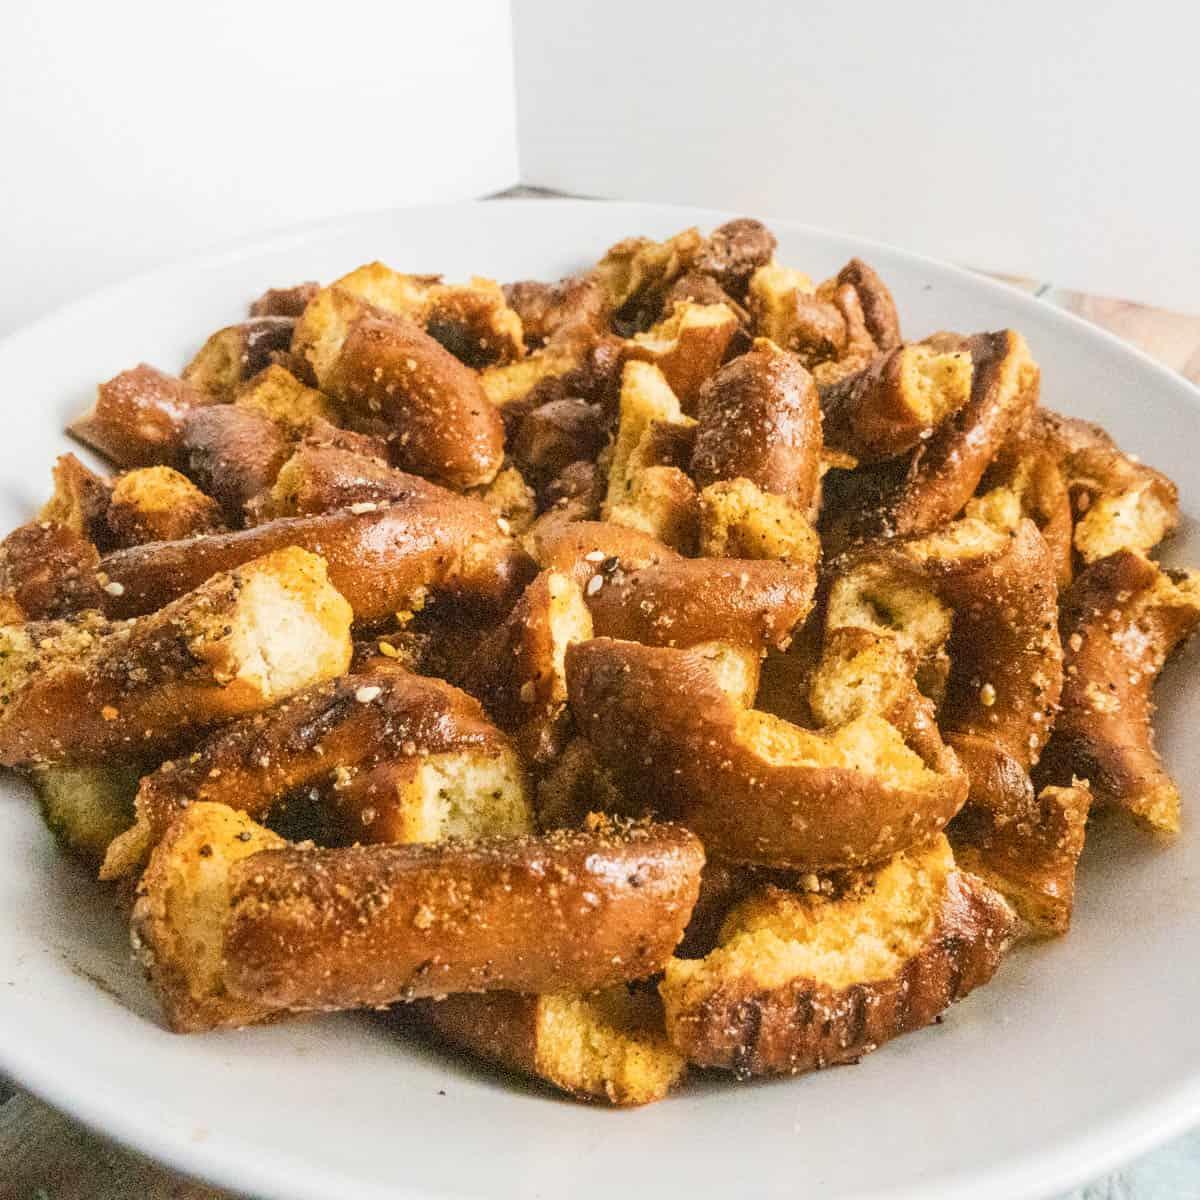 Crispy golden pretzels close up photo